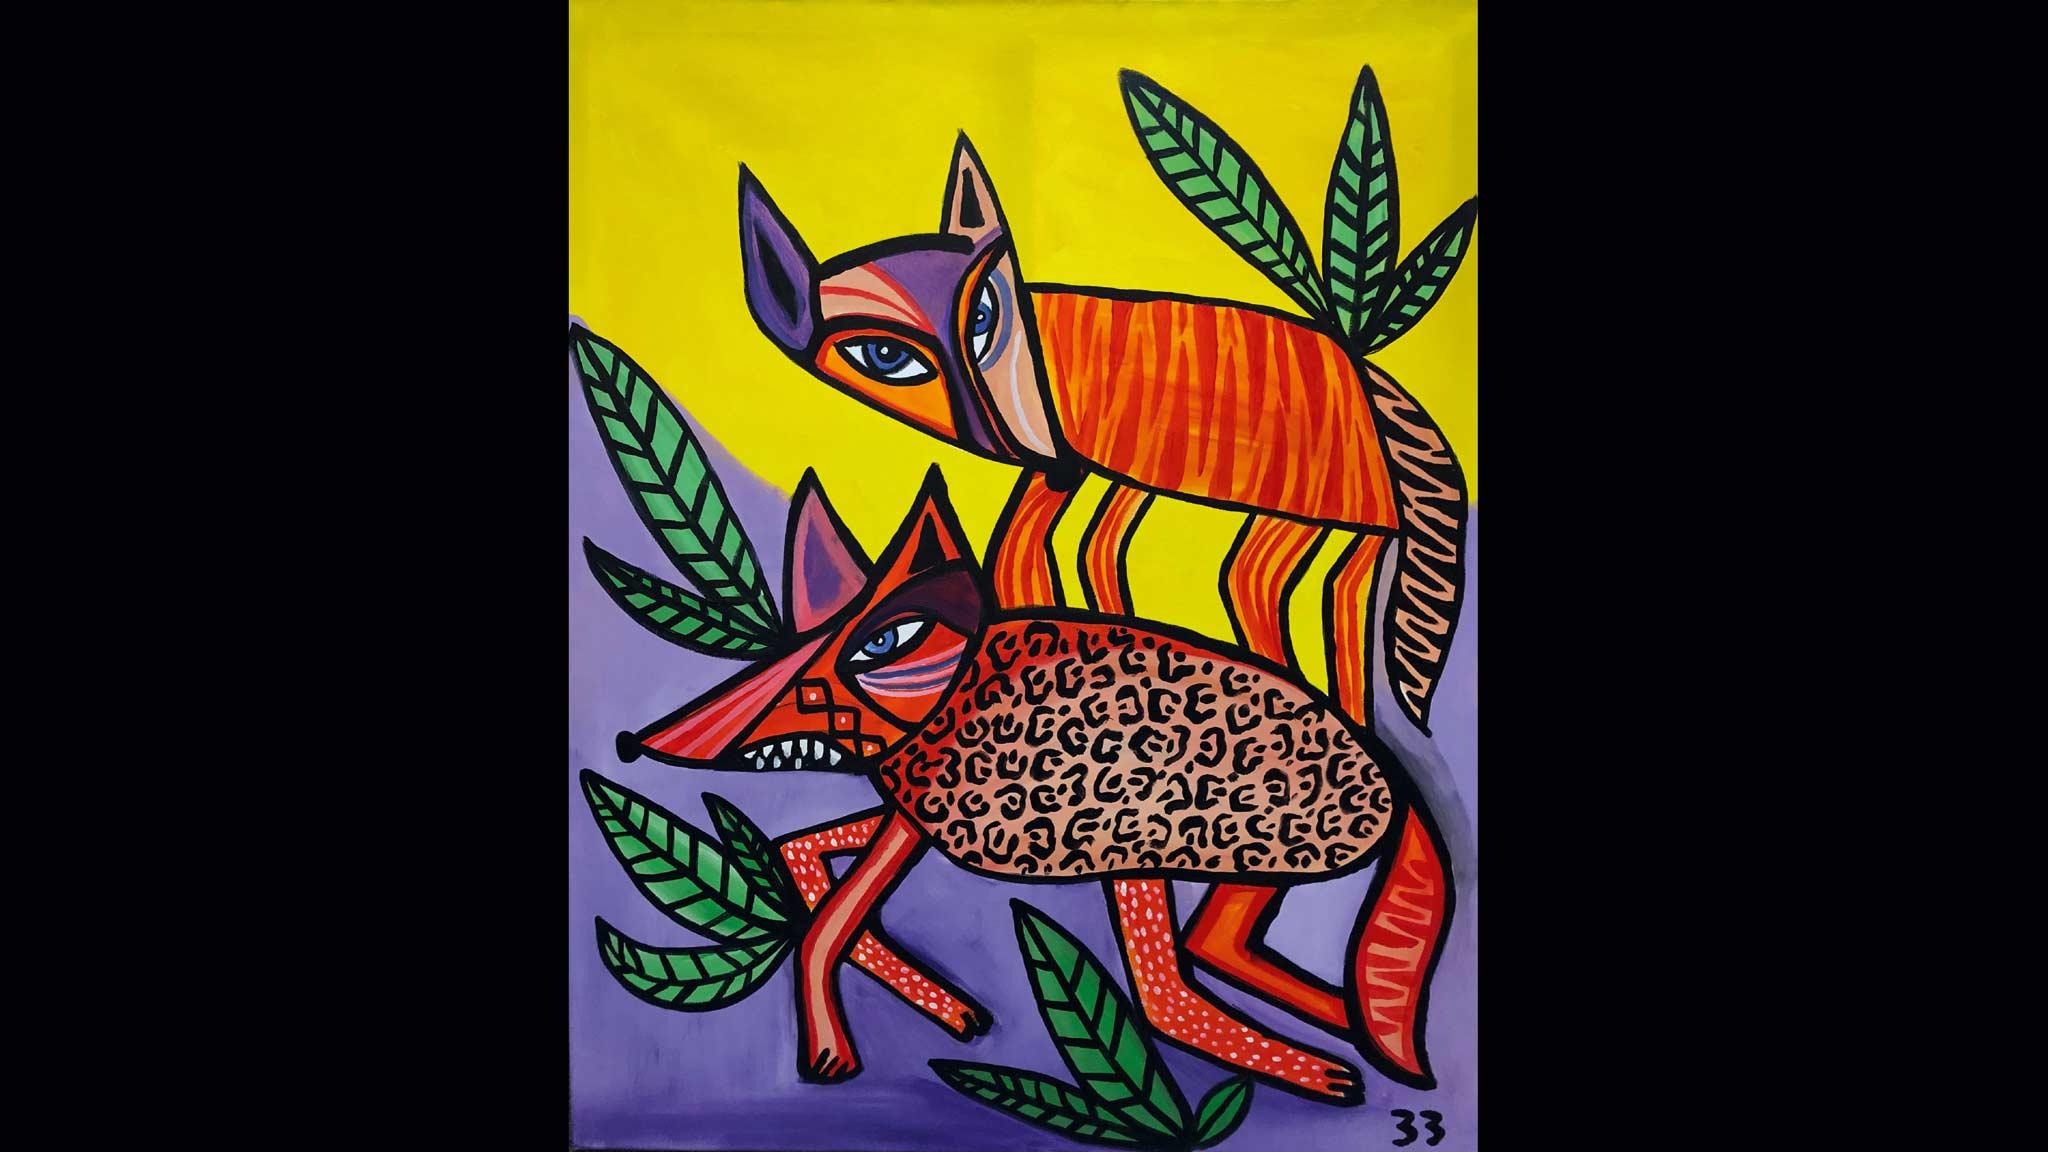 Für die Kollektion 2020/21 hat US-Künstler Ben Brough den Pinsel geschwungen und seine bekannten Füchse auf die Decks gepackt.